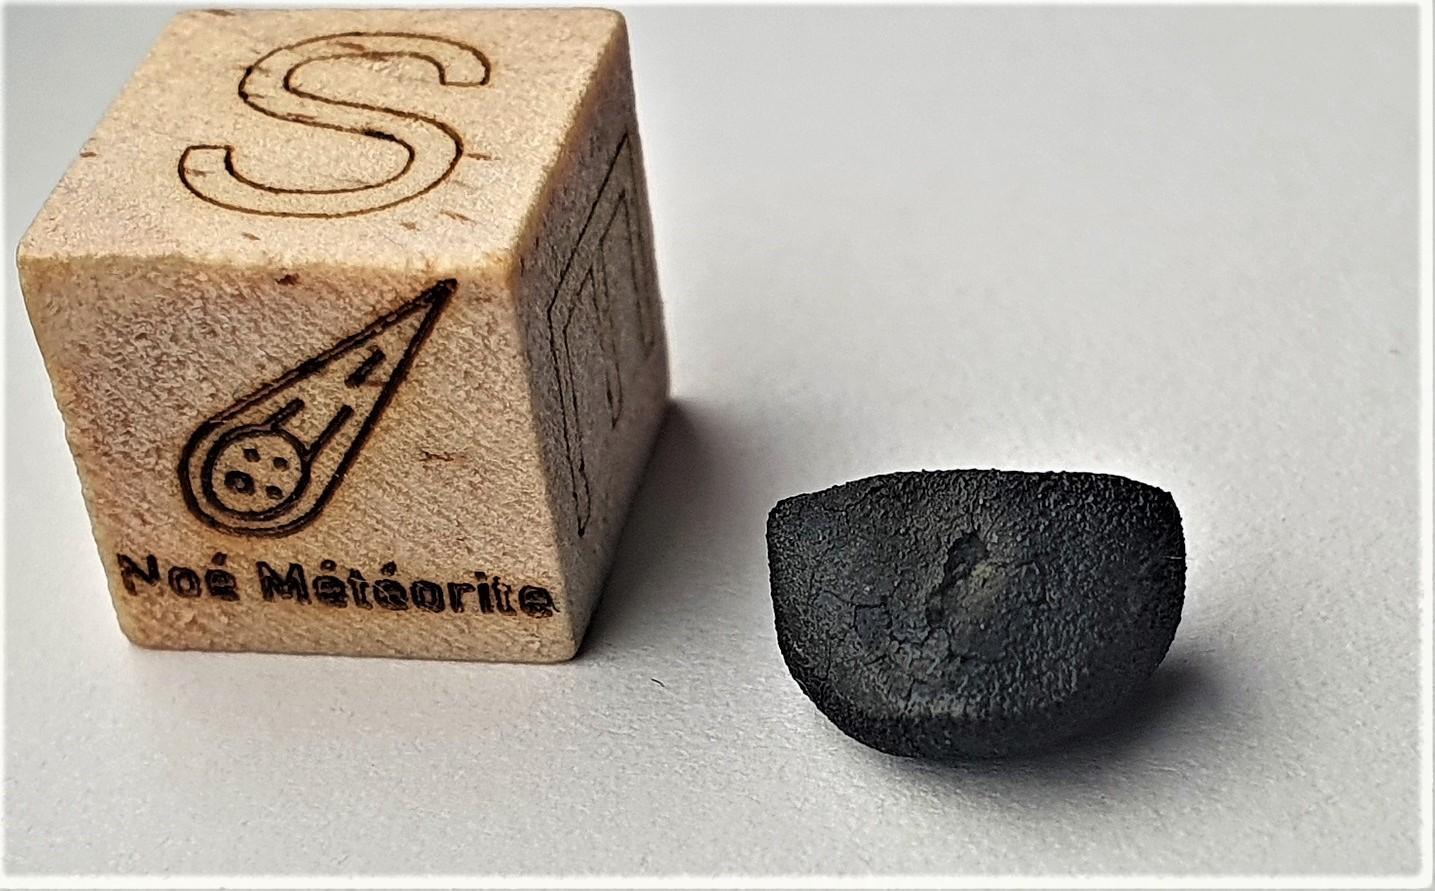 Tarda meteorite carbonaceous maroc